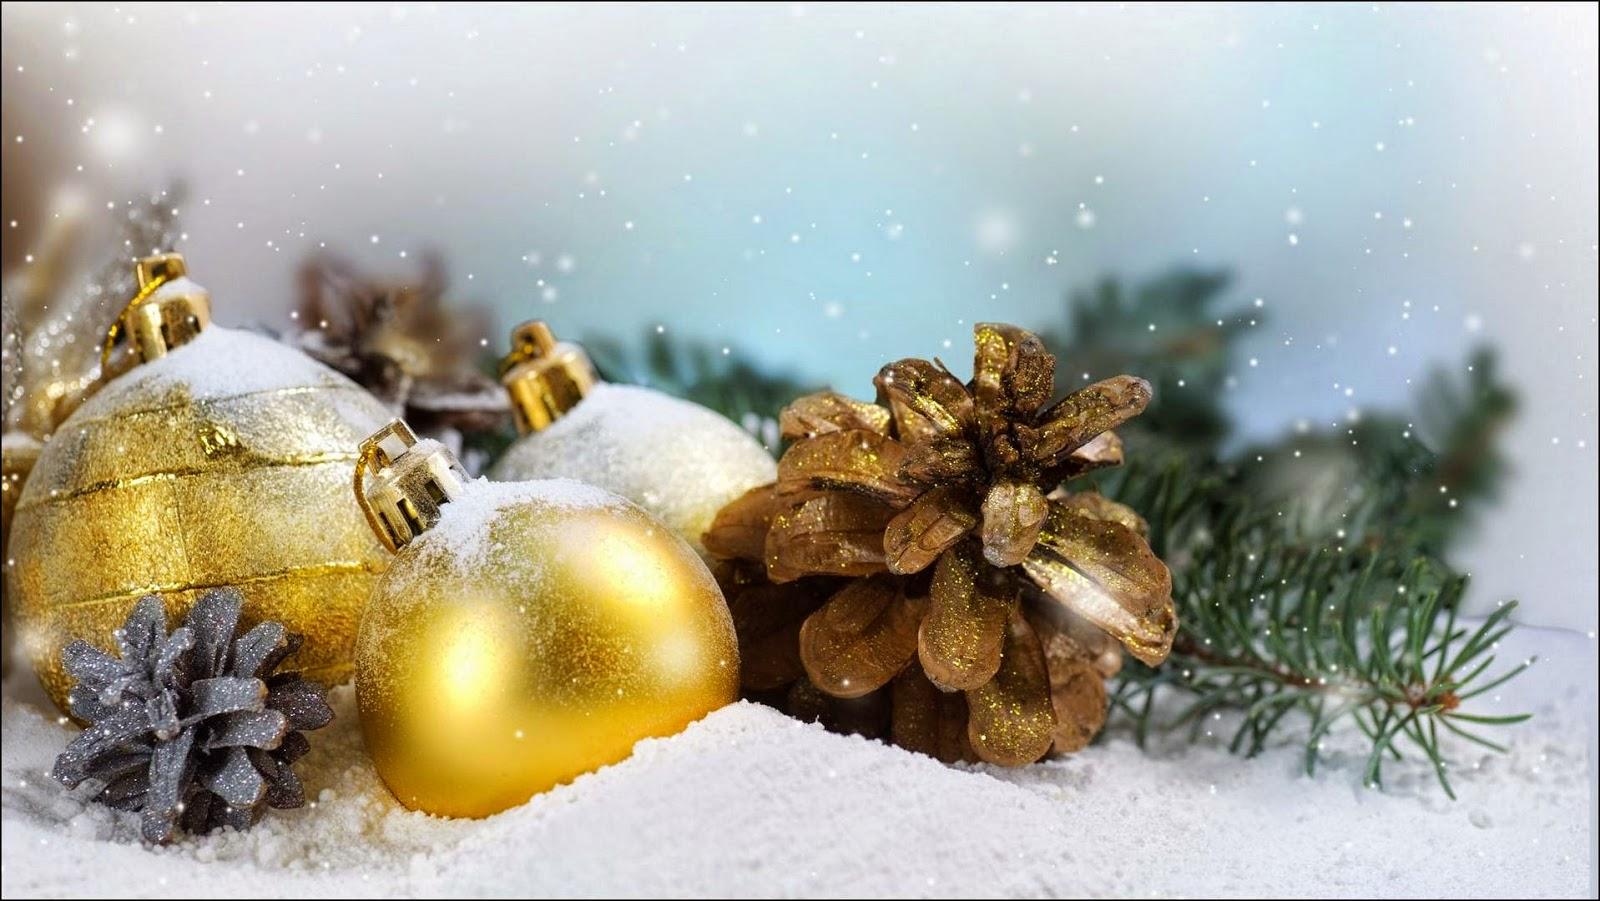 Bolas navideñas doradas bañadas con nieve